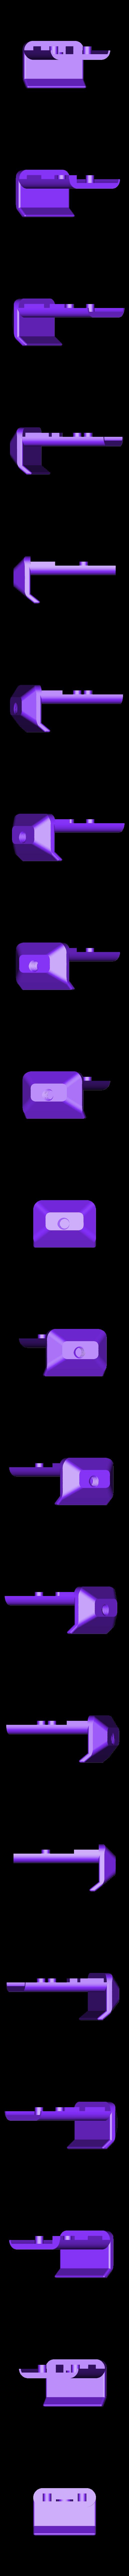 part_main.STL Télécharger fichier STL gratuit Support pour trépied de téléphone • Modèle imprimable en 3D, FowlvidBastien